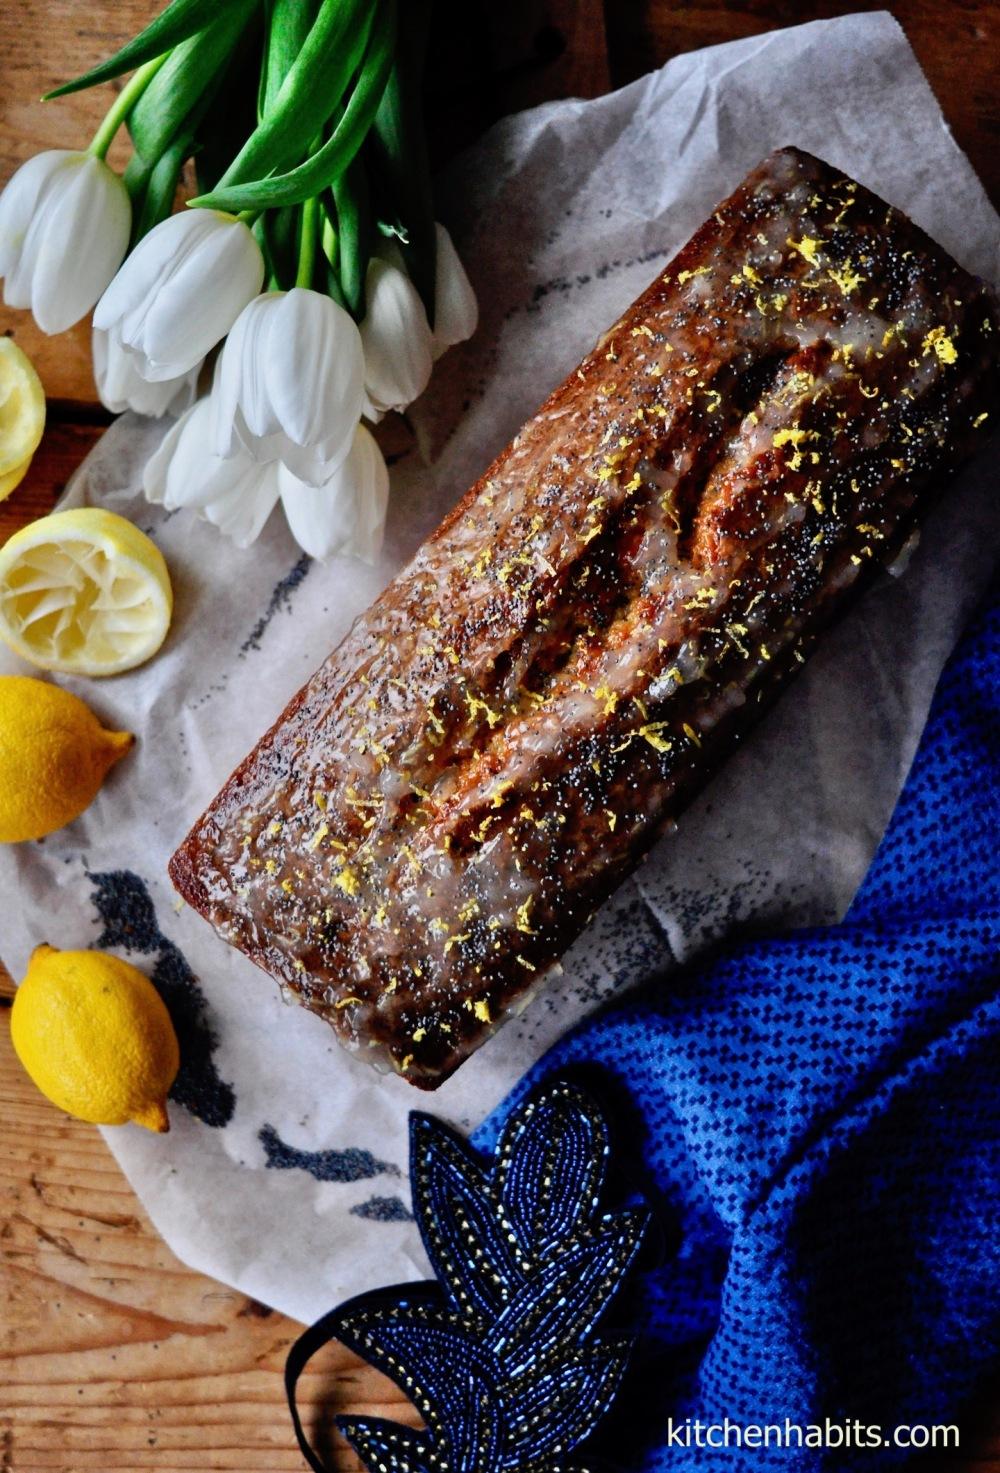 lemon_cake_kitchenhabitscom4